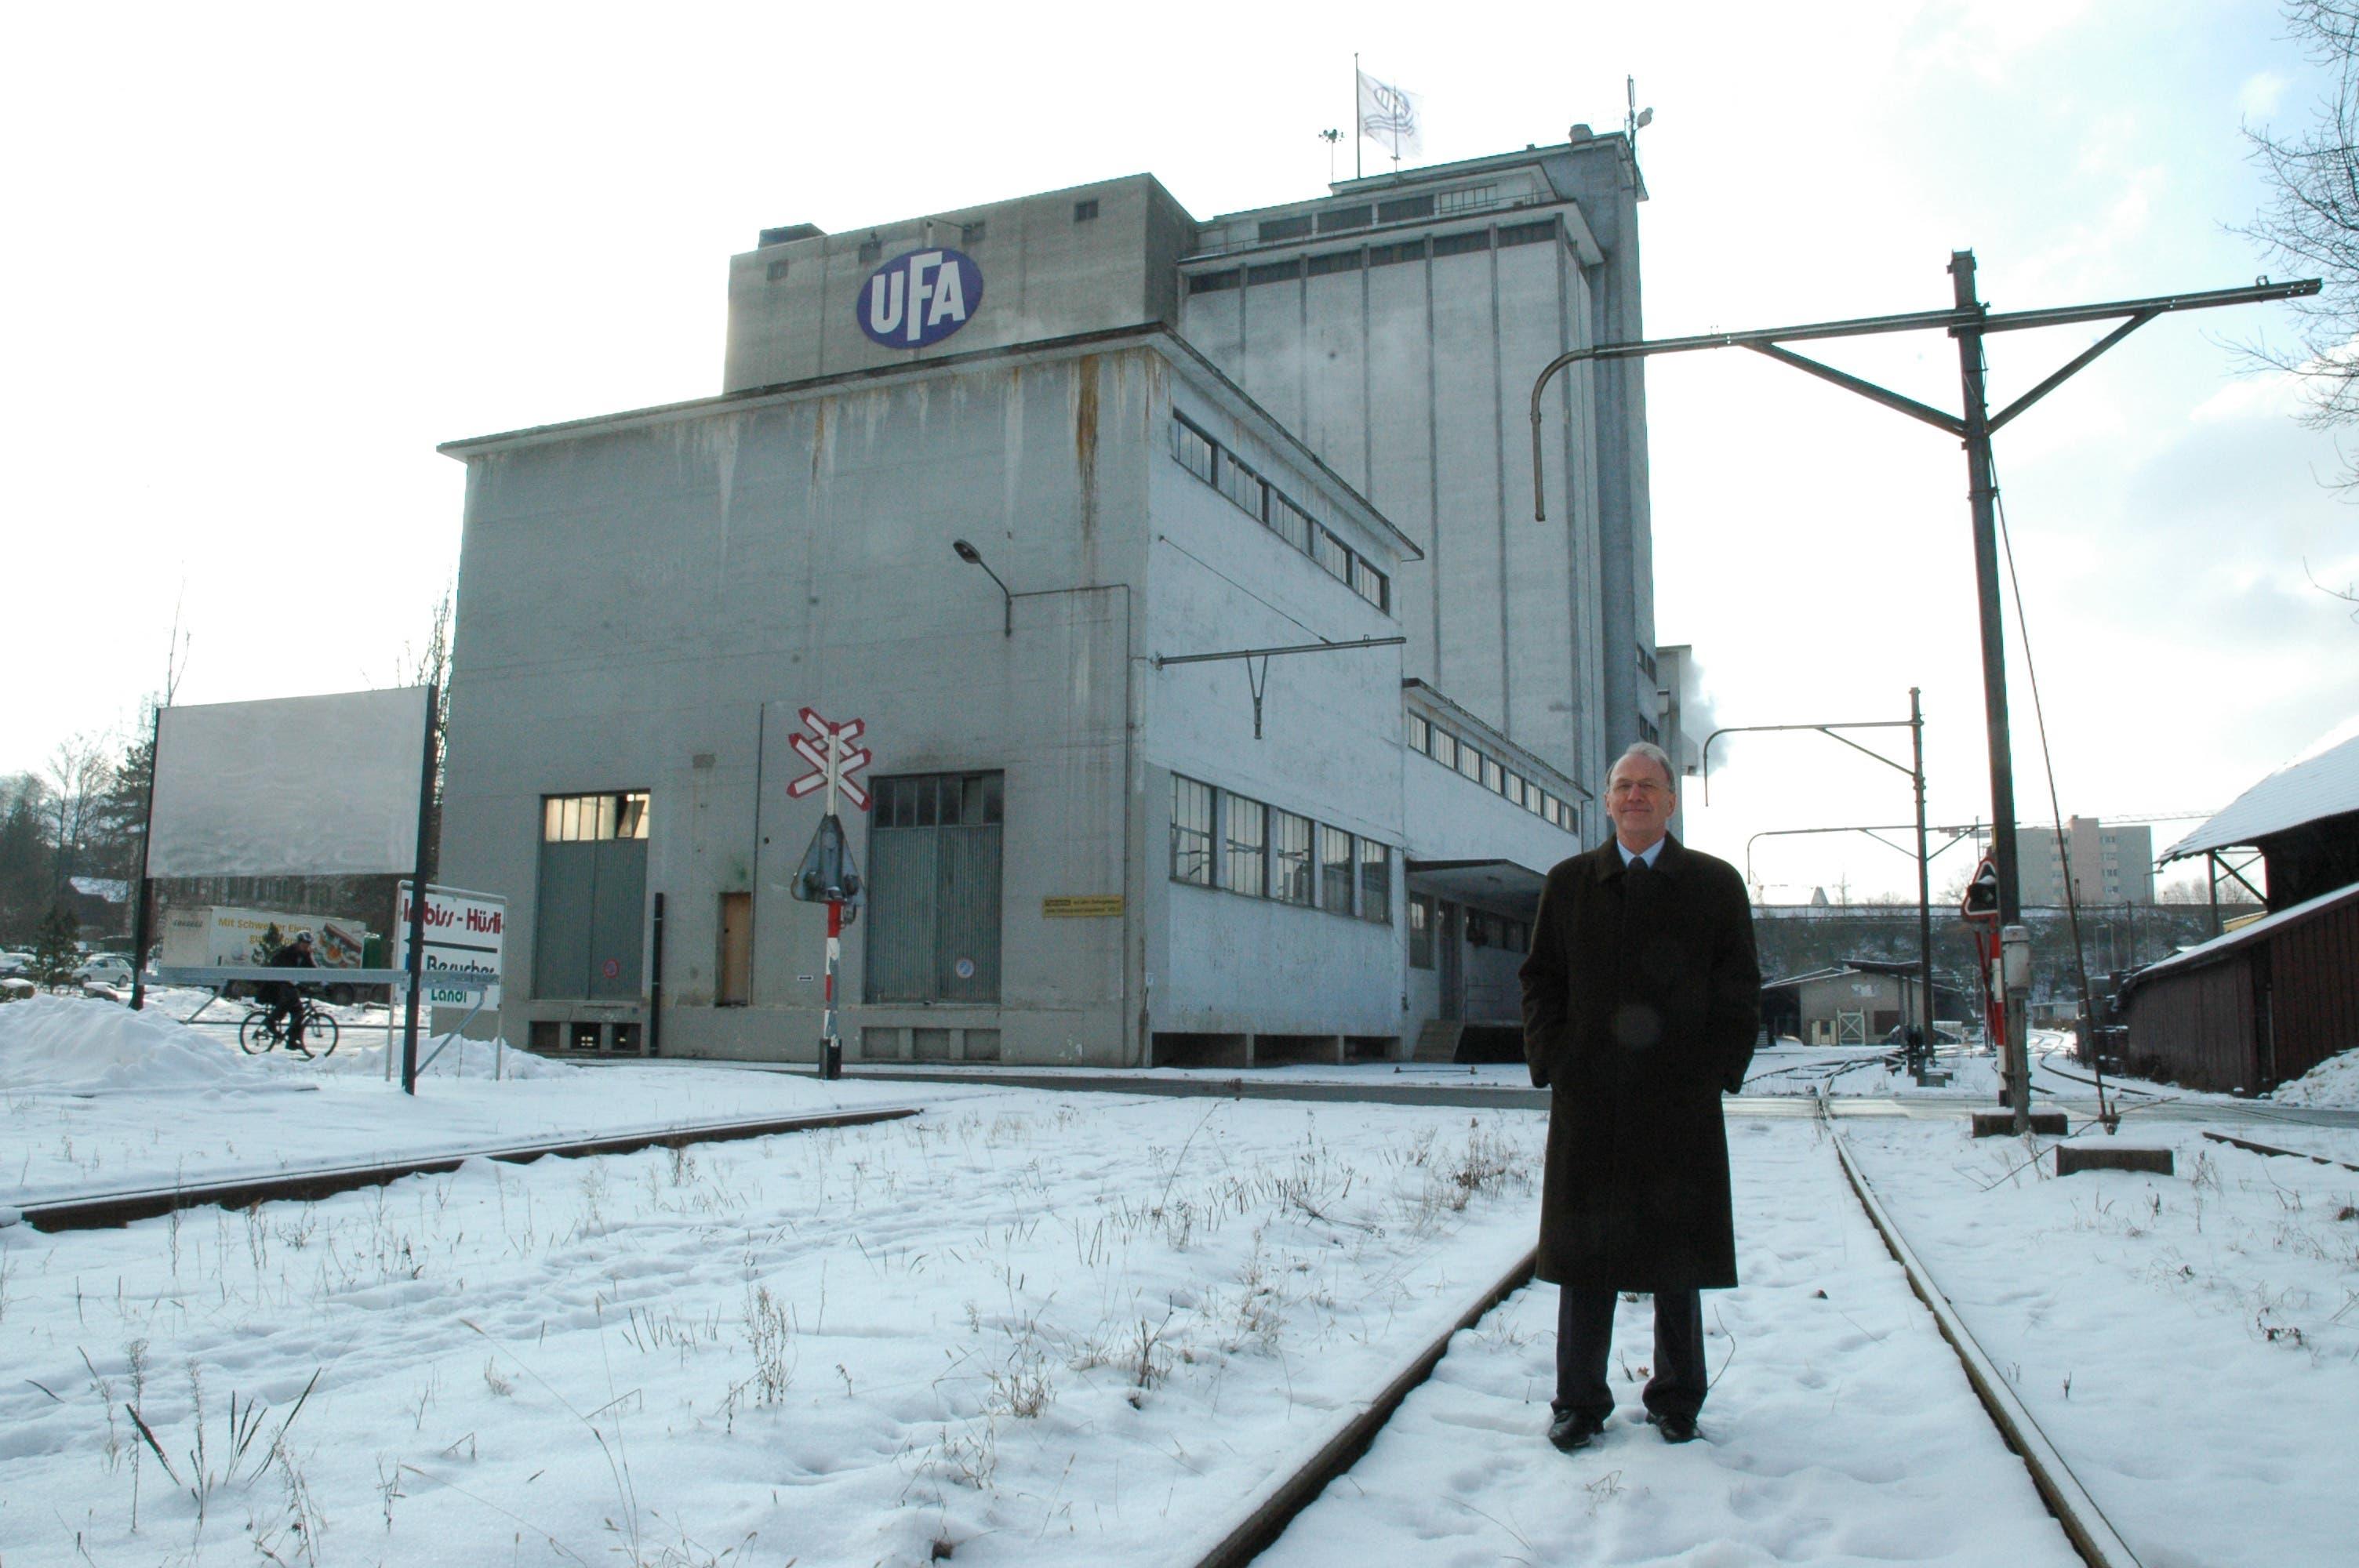 Ein zufriedener Lenzburger Stadtammann Rolf Bachmann auf dem Trassee vor den Silos am 26. Januar 2005.